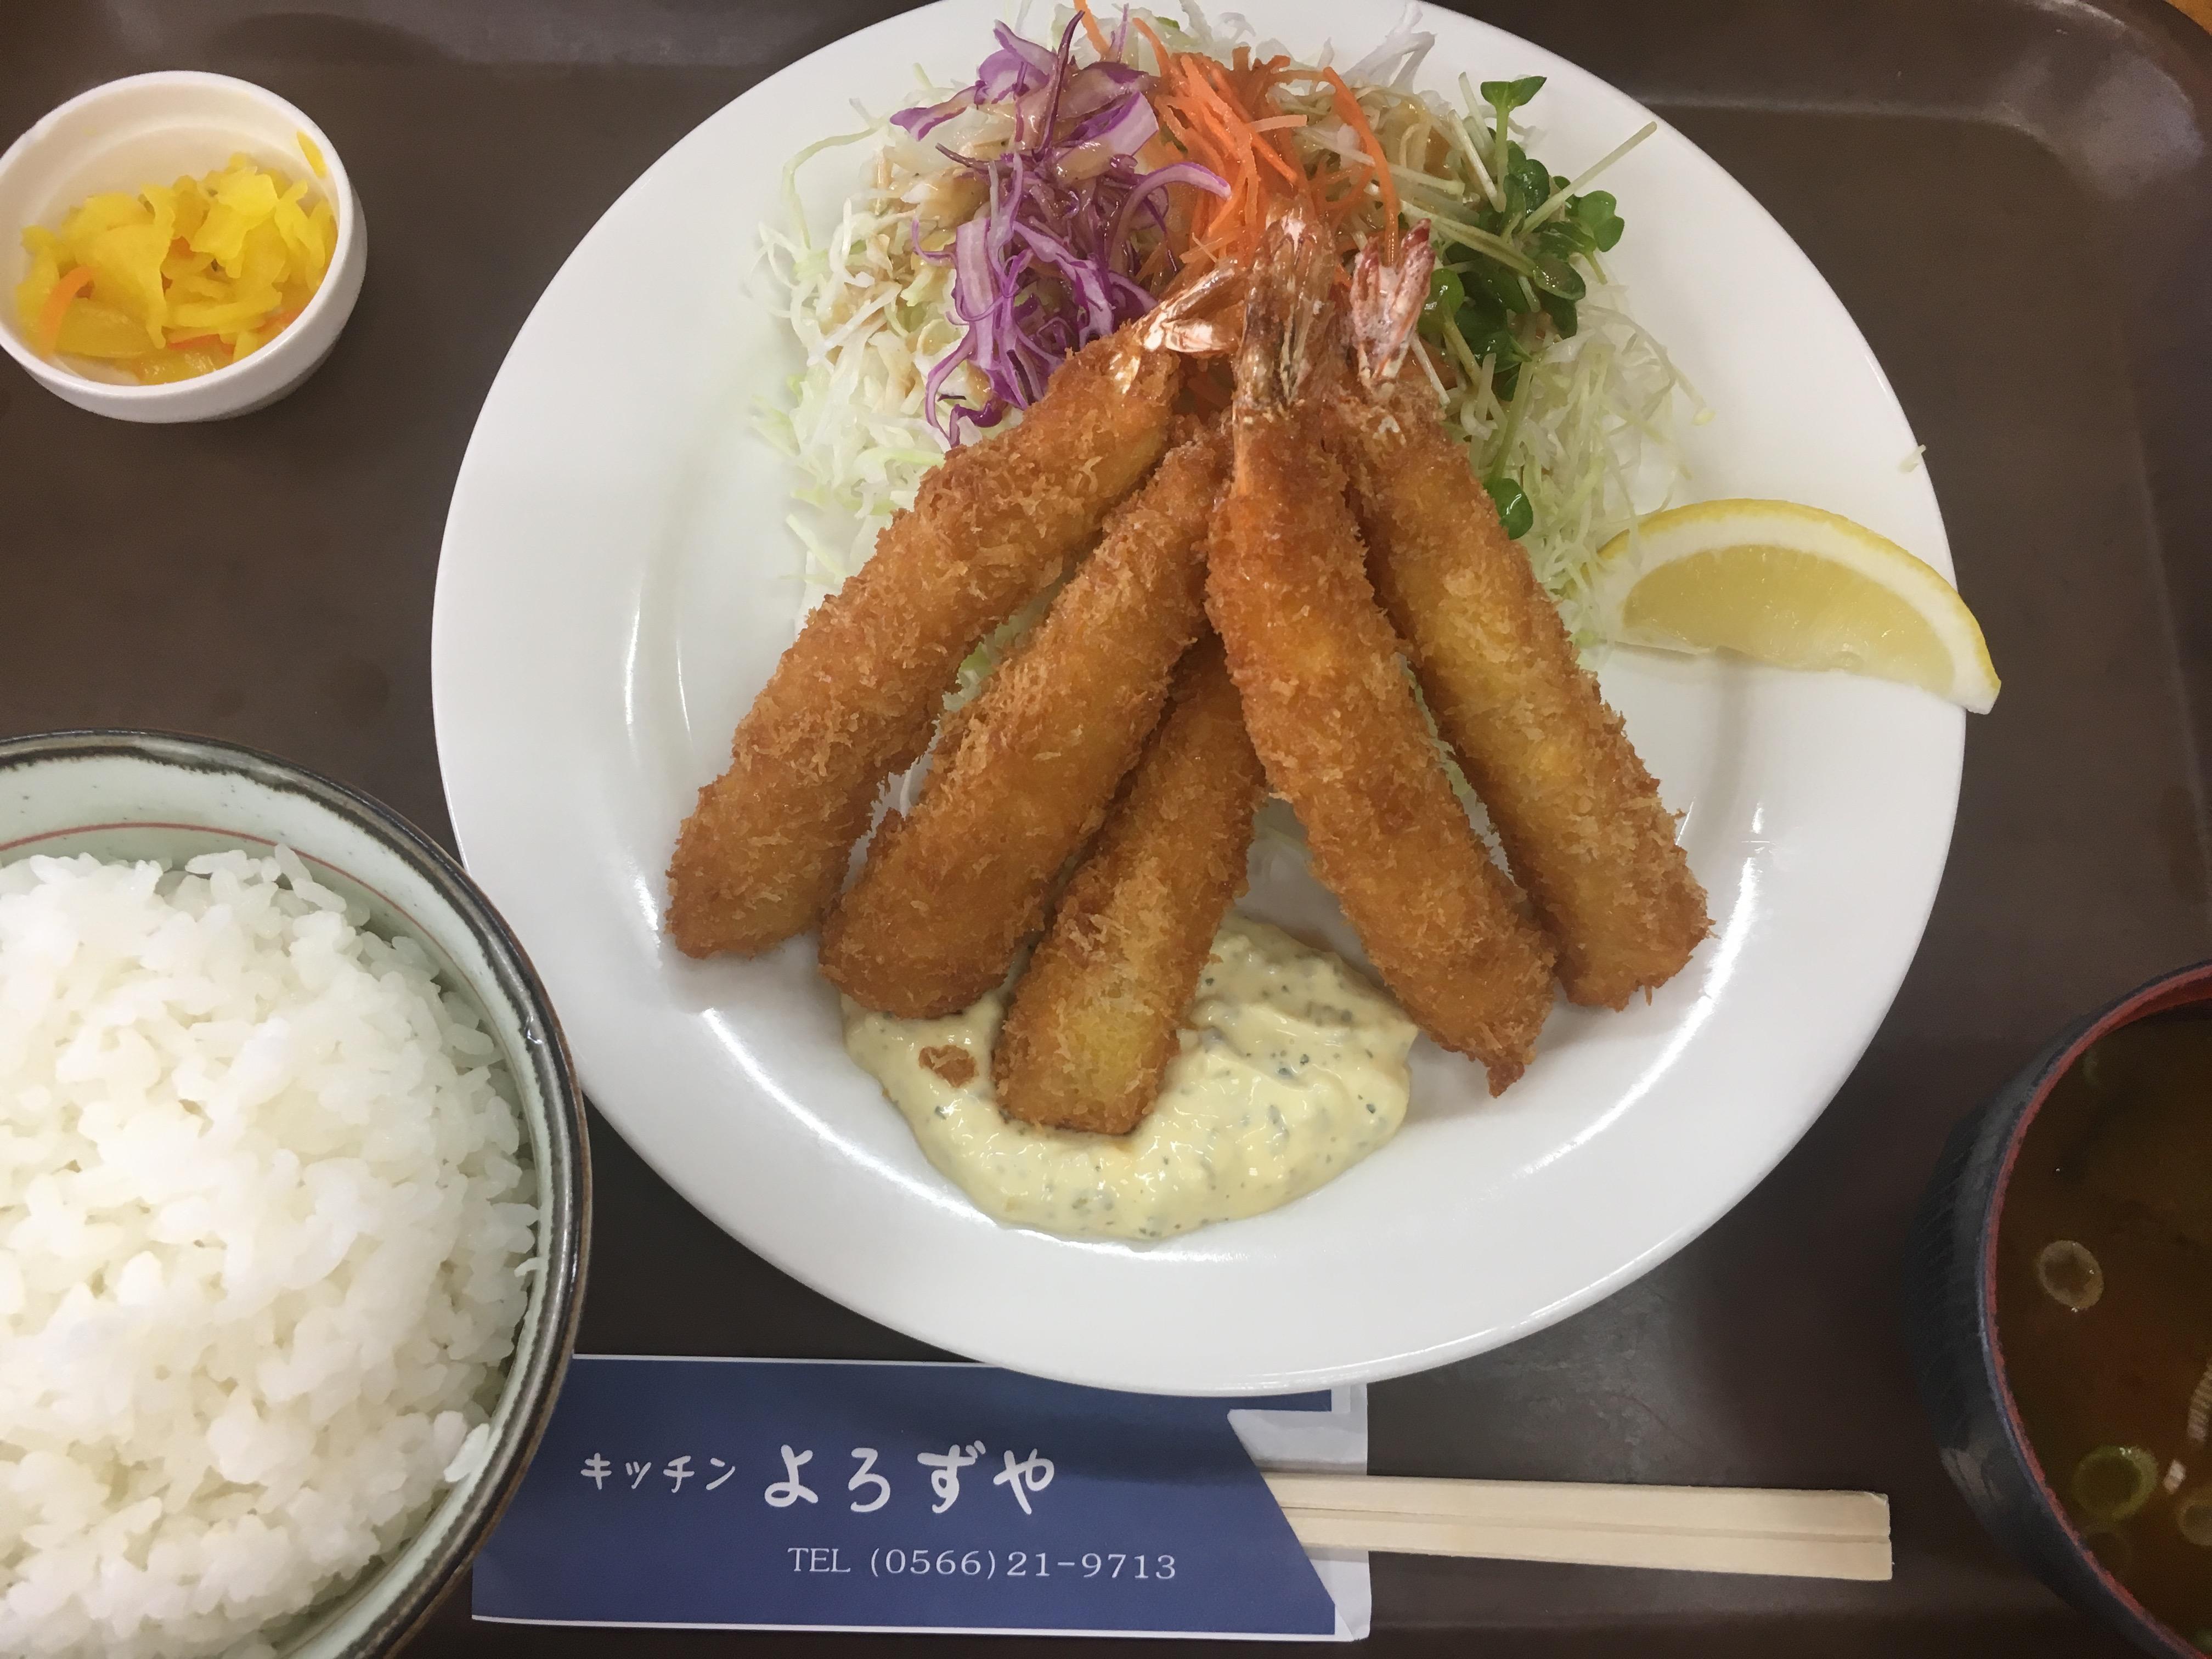 愛知県 刈谷で一番エビフライが安いお店!「よろずや」のランチはコスパがいい。